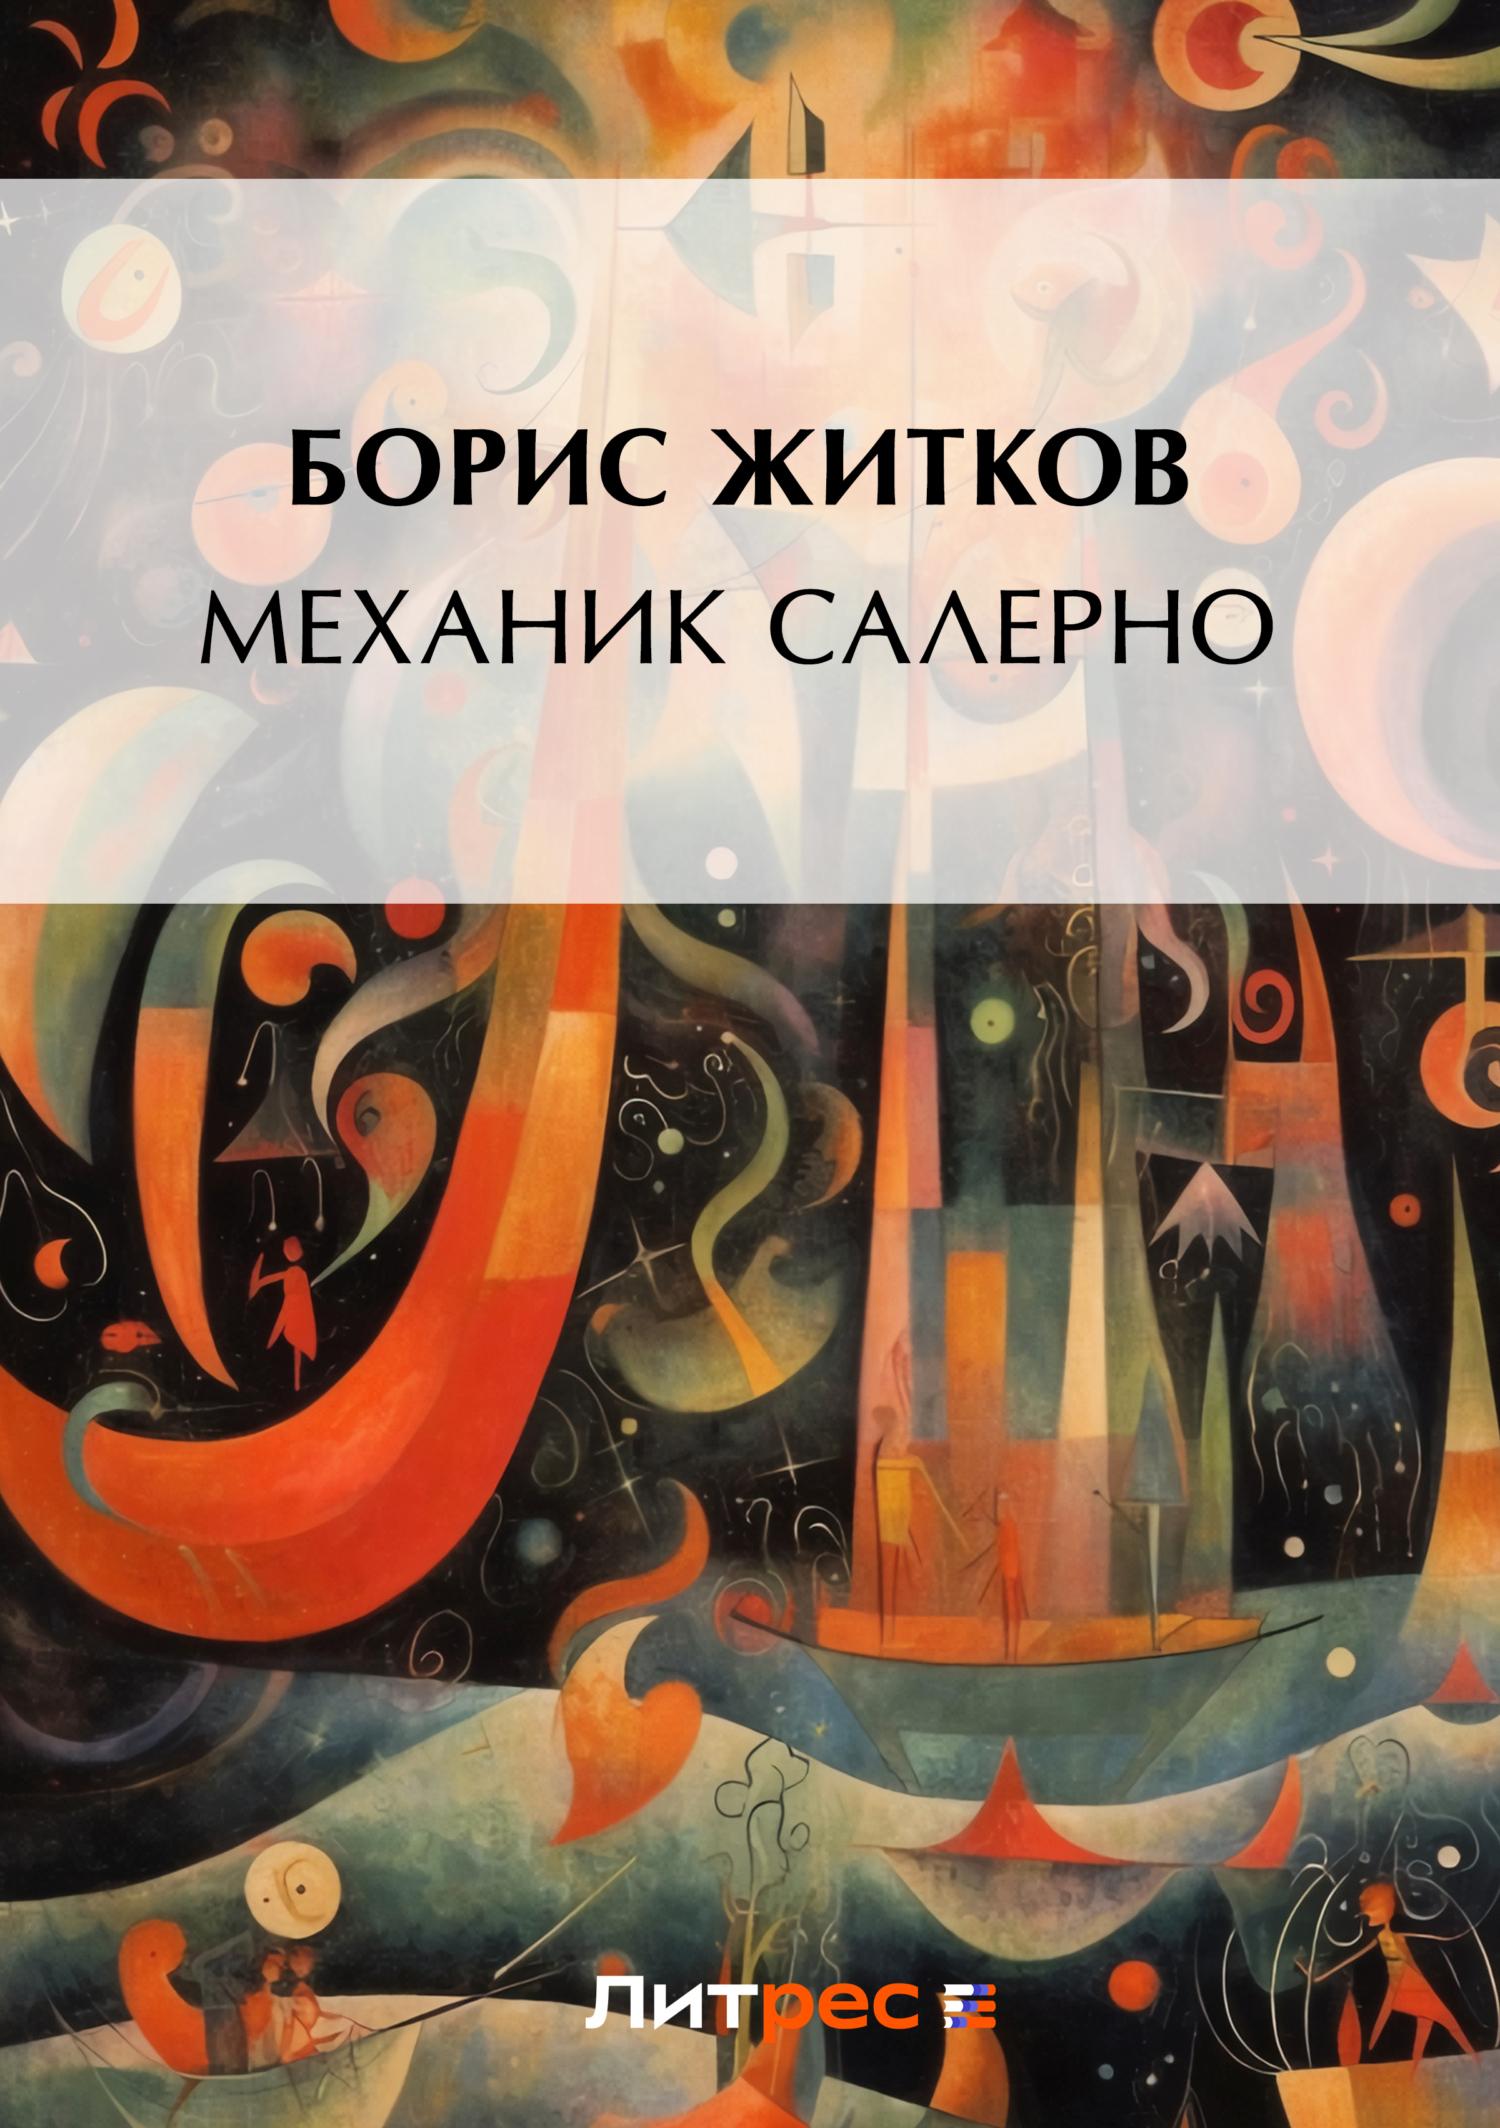 Борис Житков Механик Салерно